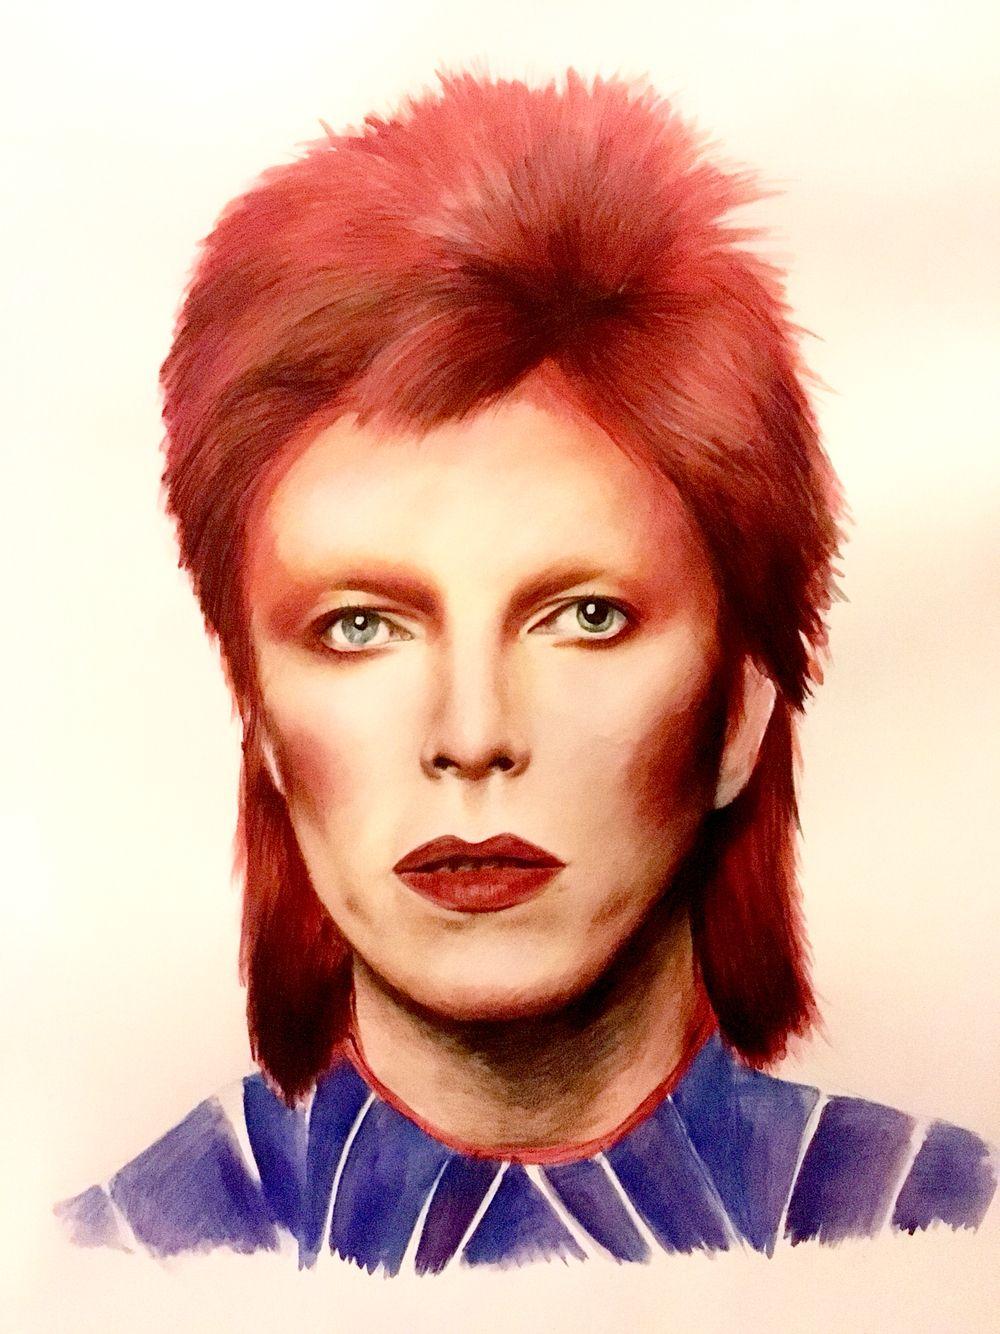 David Bowie - Watercolour paint and pencil, 2016, Victoria Mead   www.vmportraits.co.uk  #davidbowie #bowie #artist #portrait #art